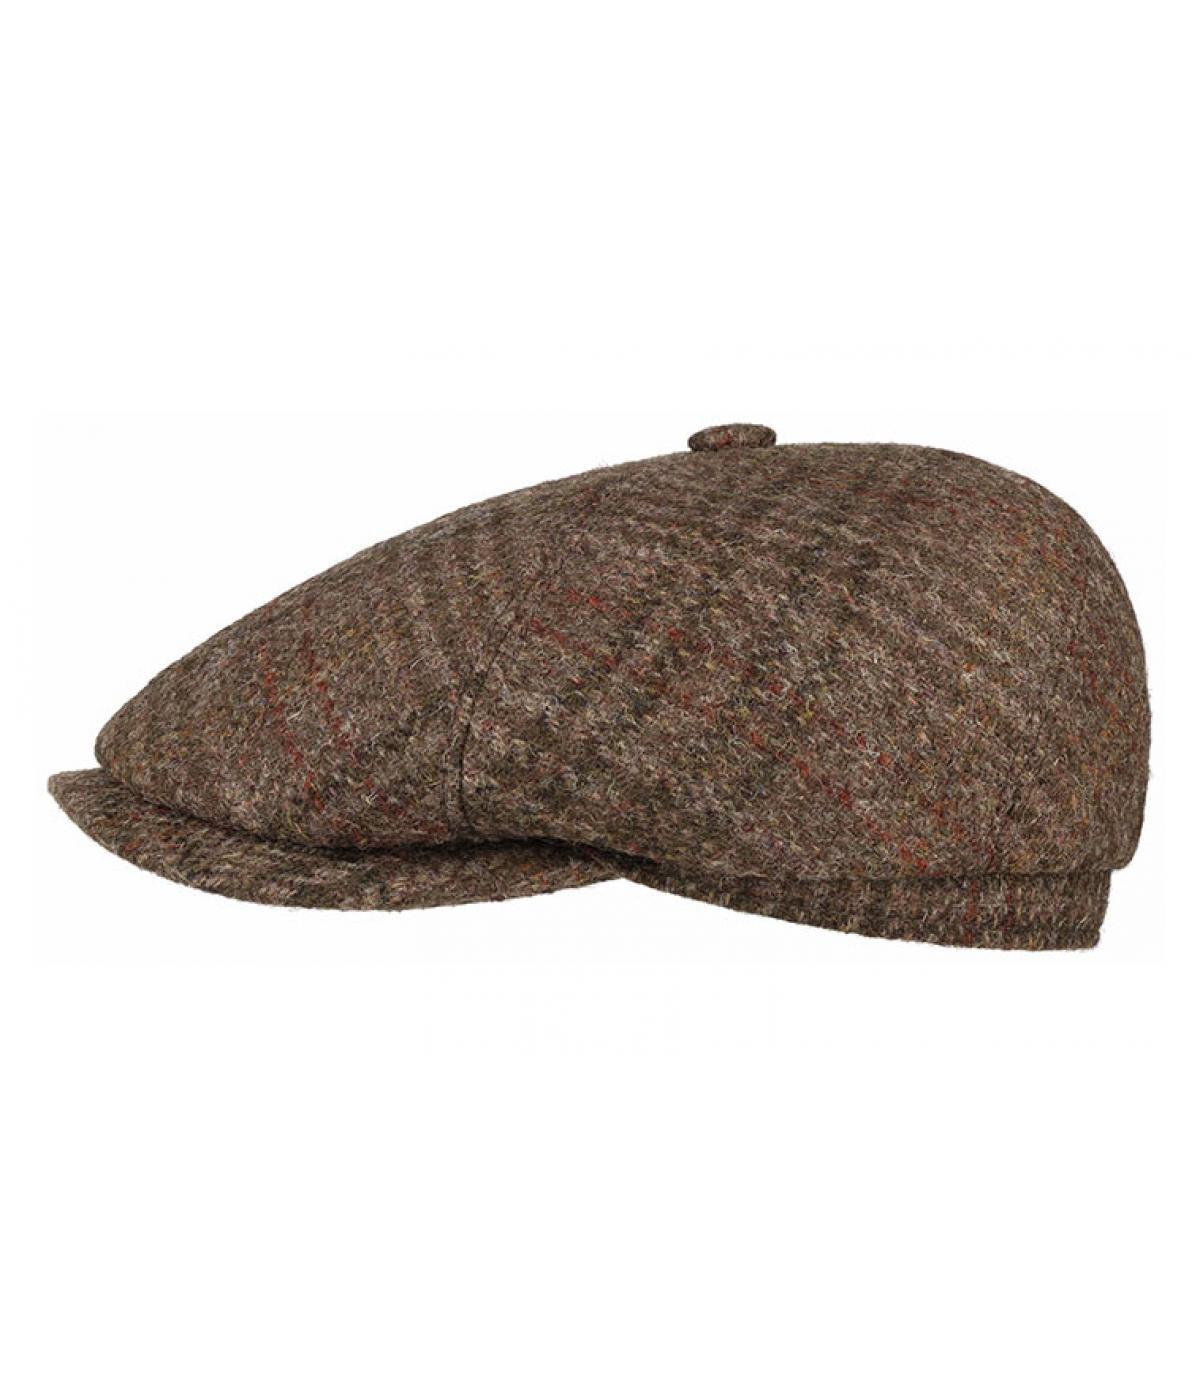 Ballonmütze Harris Tweed Wolle